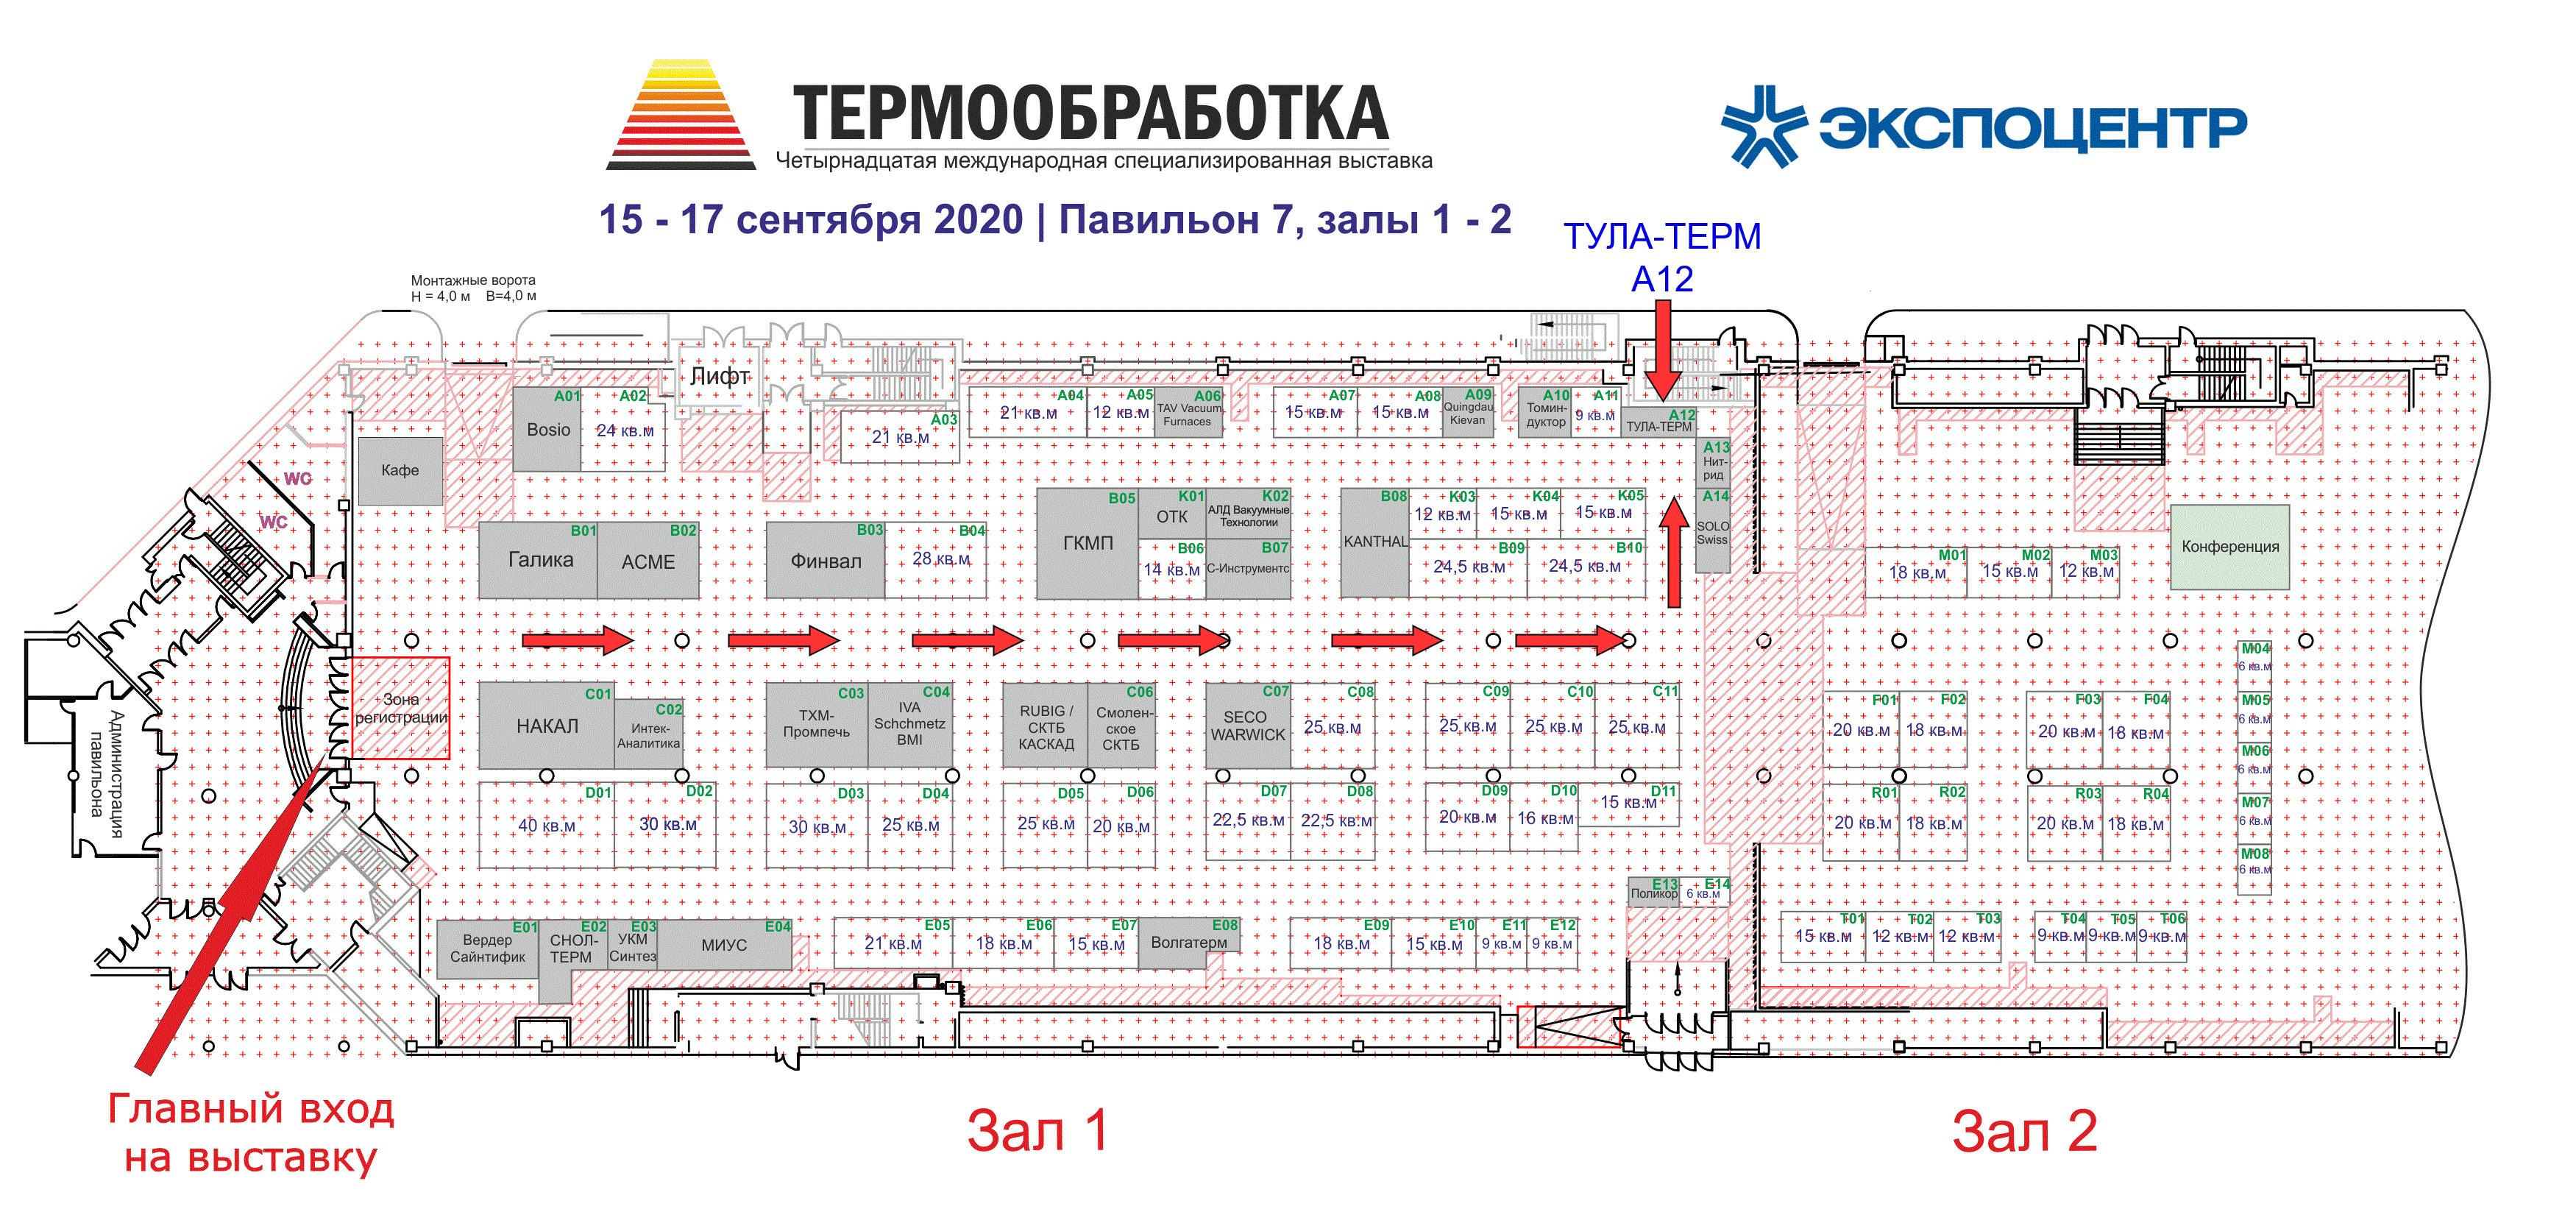 Выставка Термообработка 2020